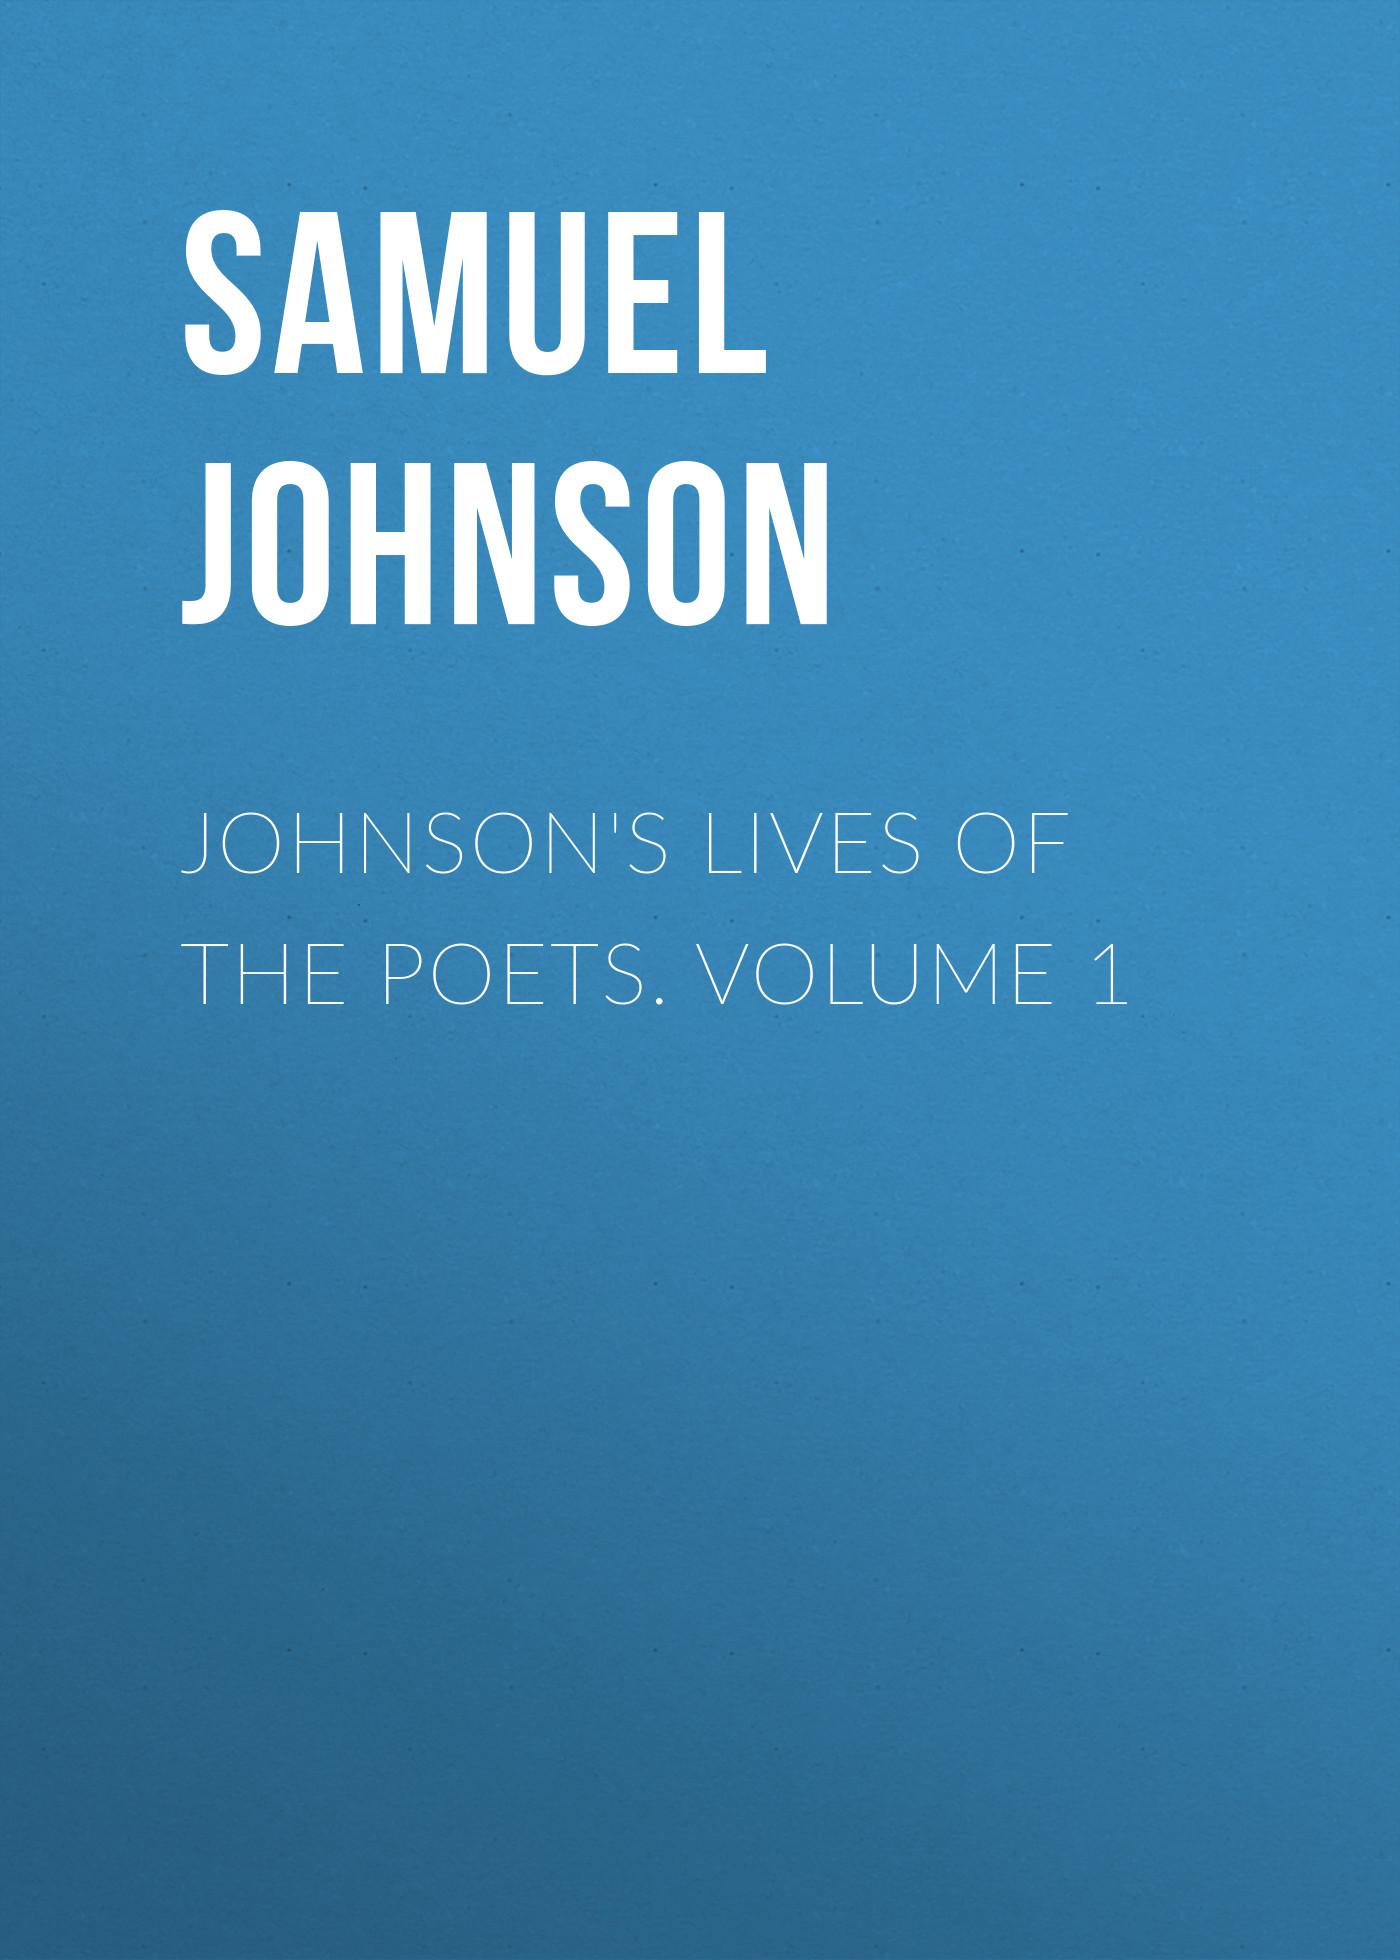 Samuel Johnson Johnson's Lives of the Poets. Volume 1